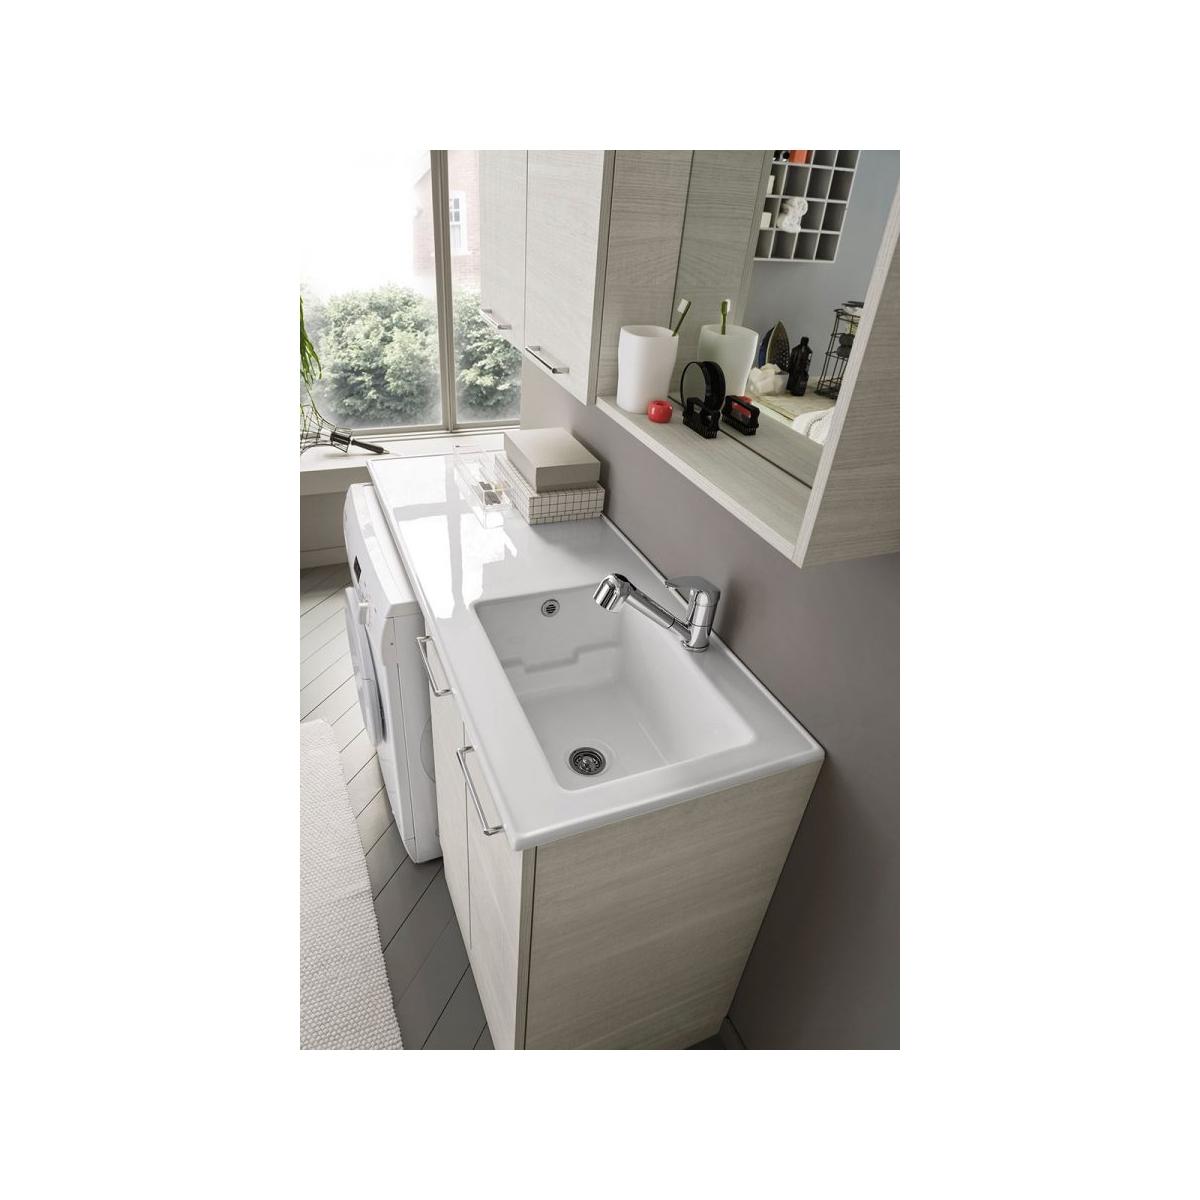 Mobile Bagno Lavabo E Lavatrice arbi arredobagno composizione lavanderia moderna con mobile